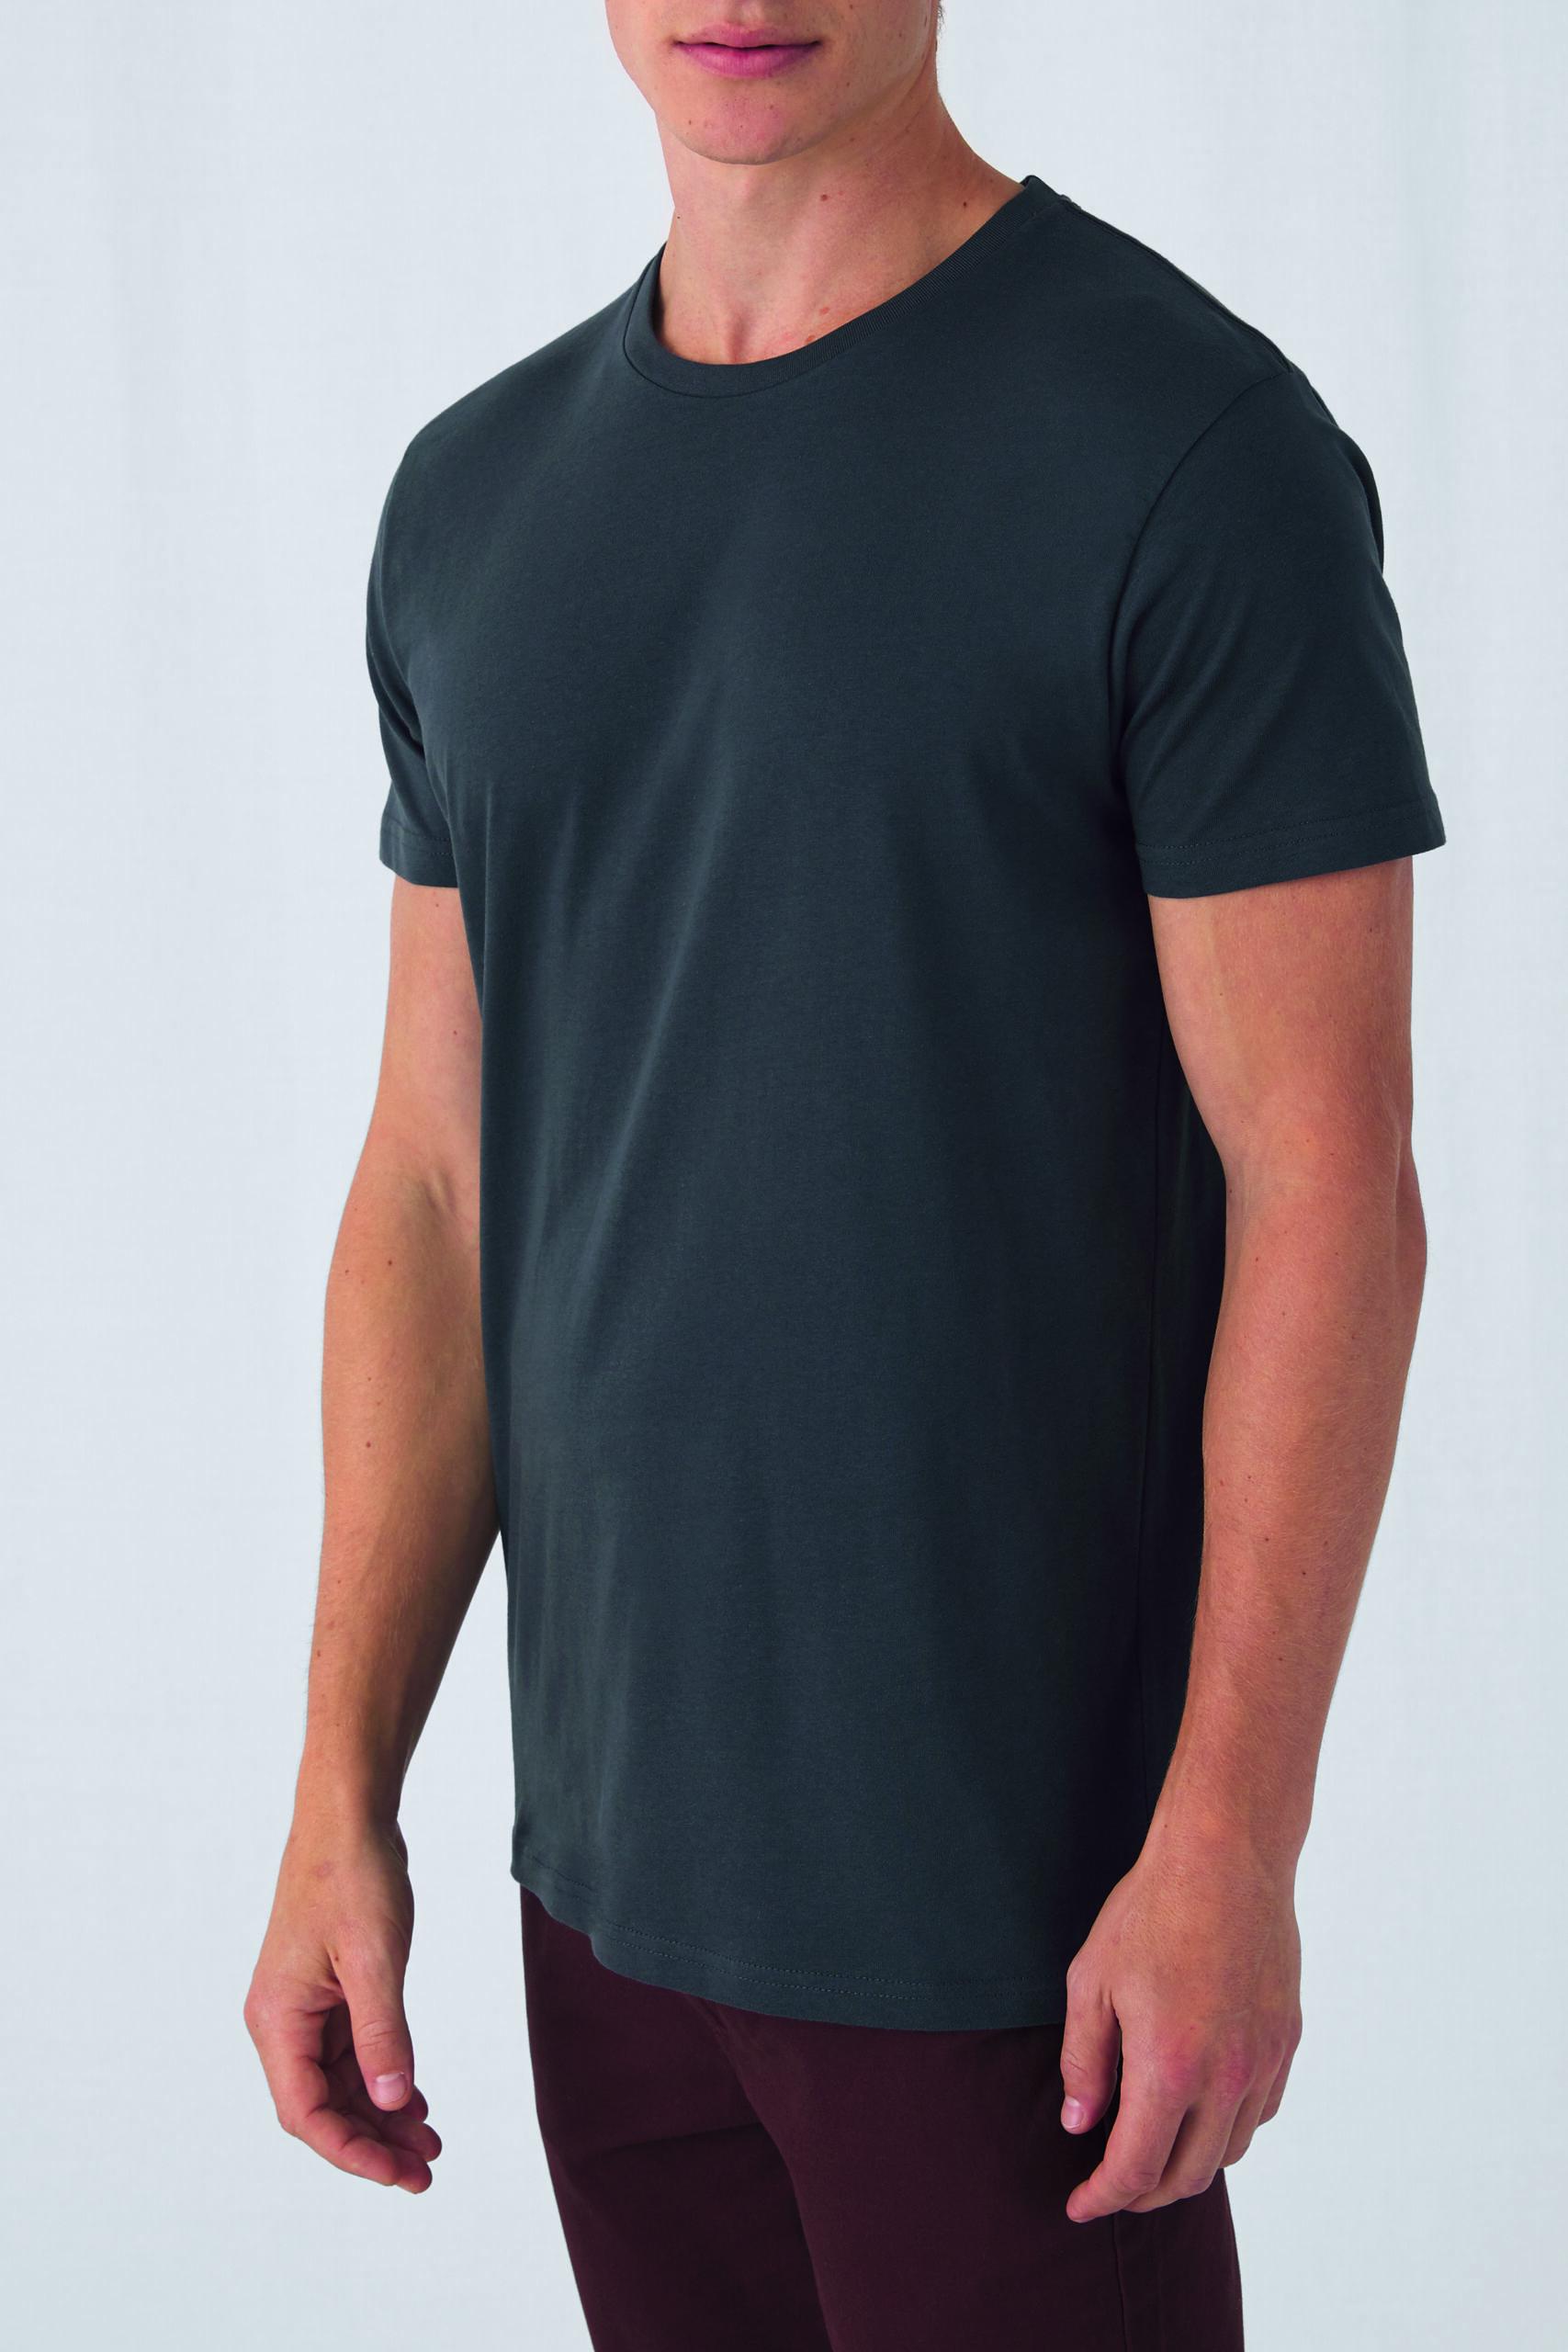 Økologisk, Fair Wear Og Oekotex T-shirt Til Mænd I En 175g Kvalitet [BCTM048]